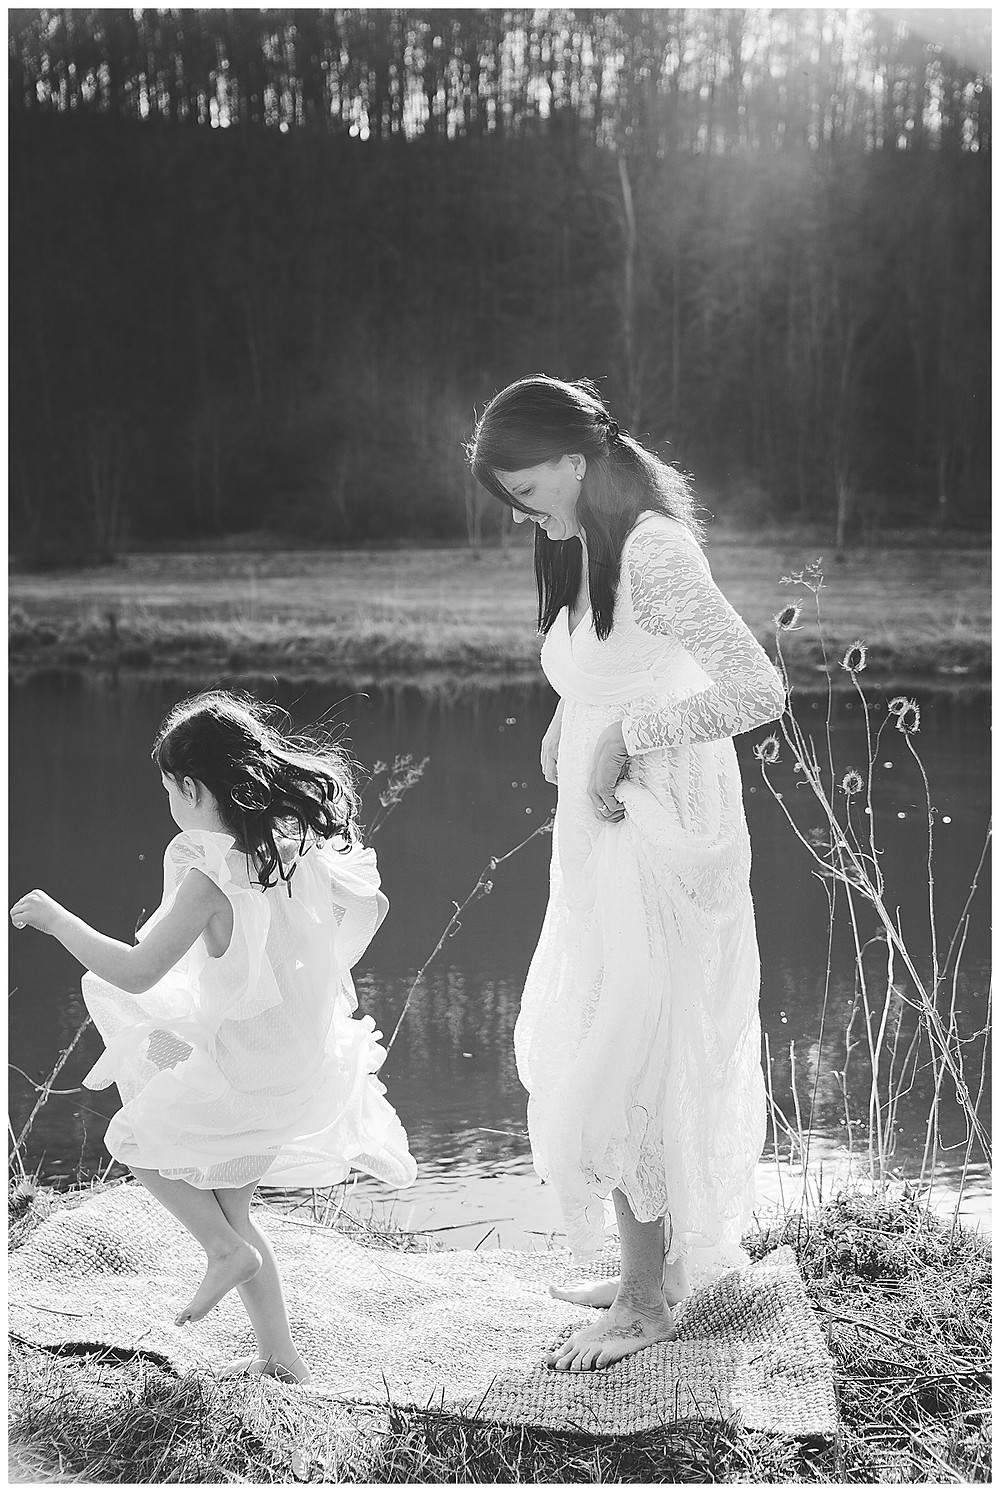 Mama tanzt am Wasser mit Kind bei Sonnenschein